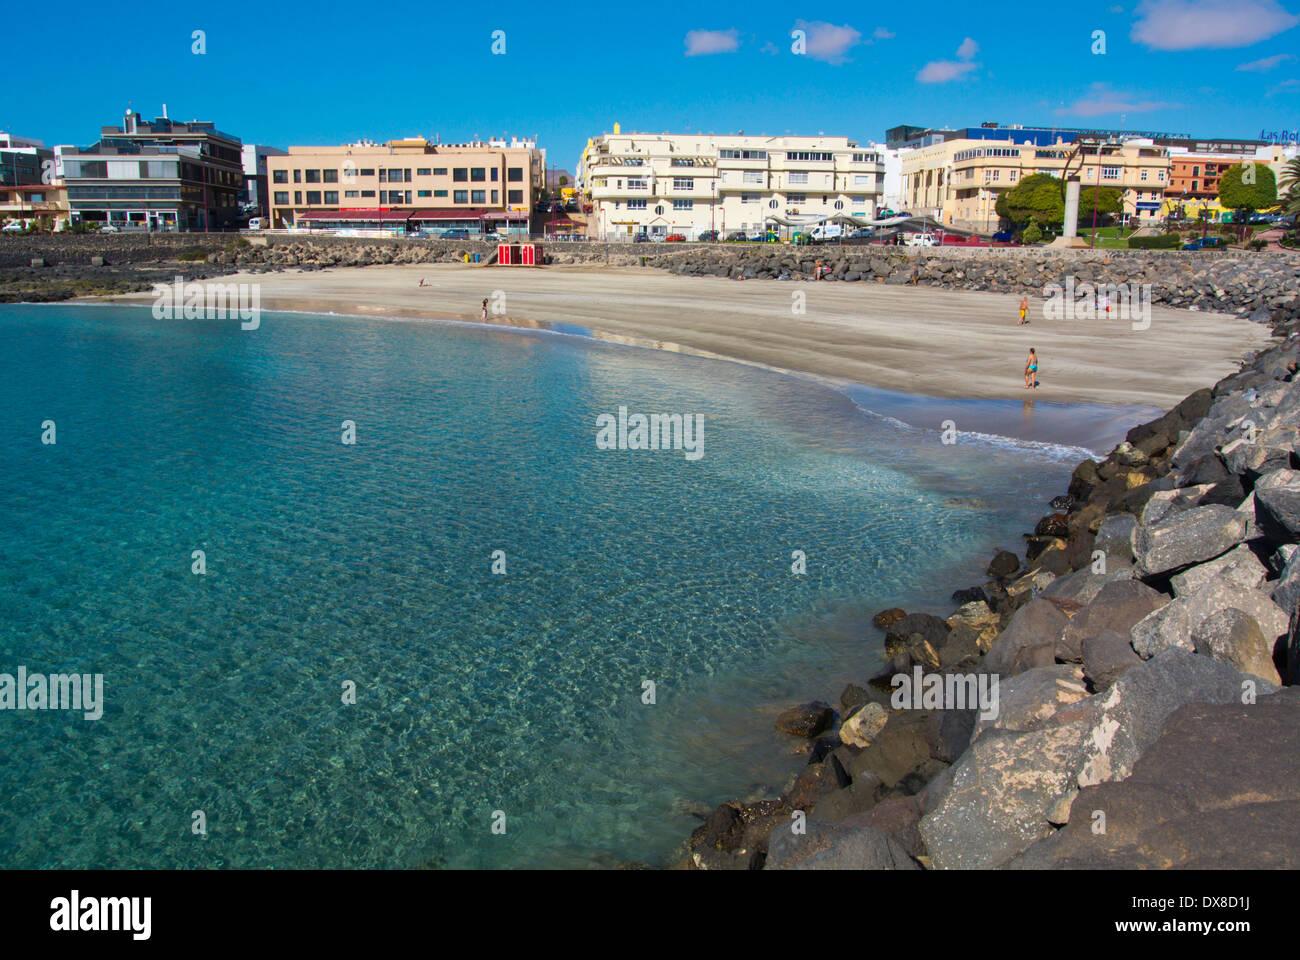 Playa chica beach puerto del rosario fuerteventura canary islands stock photo royalty free - Pension puerto del rosario ...